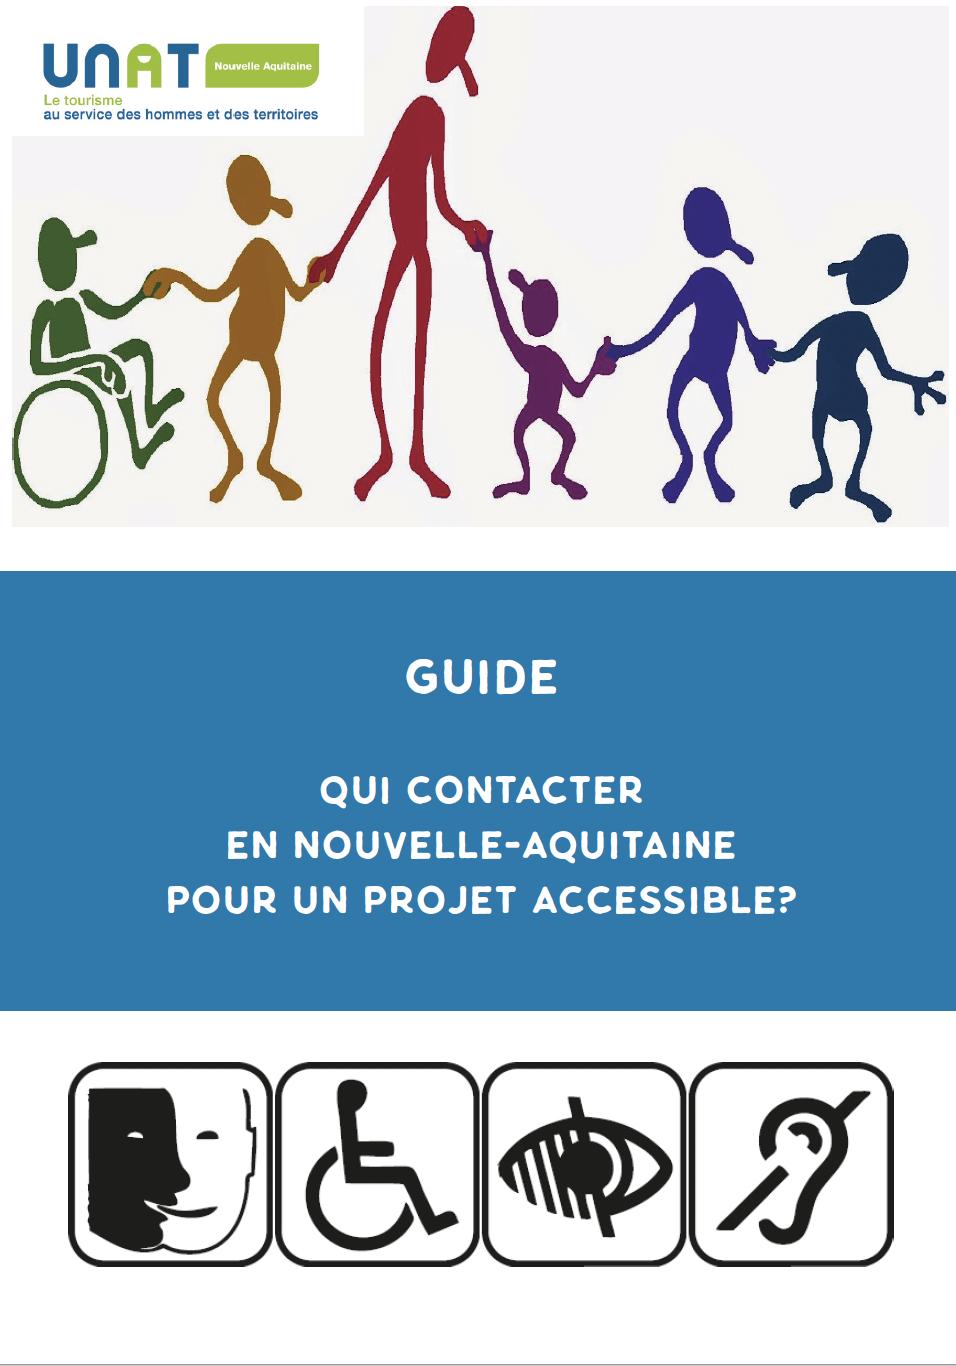 Guide qui contacter en Nouvelle-Aquitaine pour un projet accessible ?